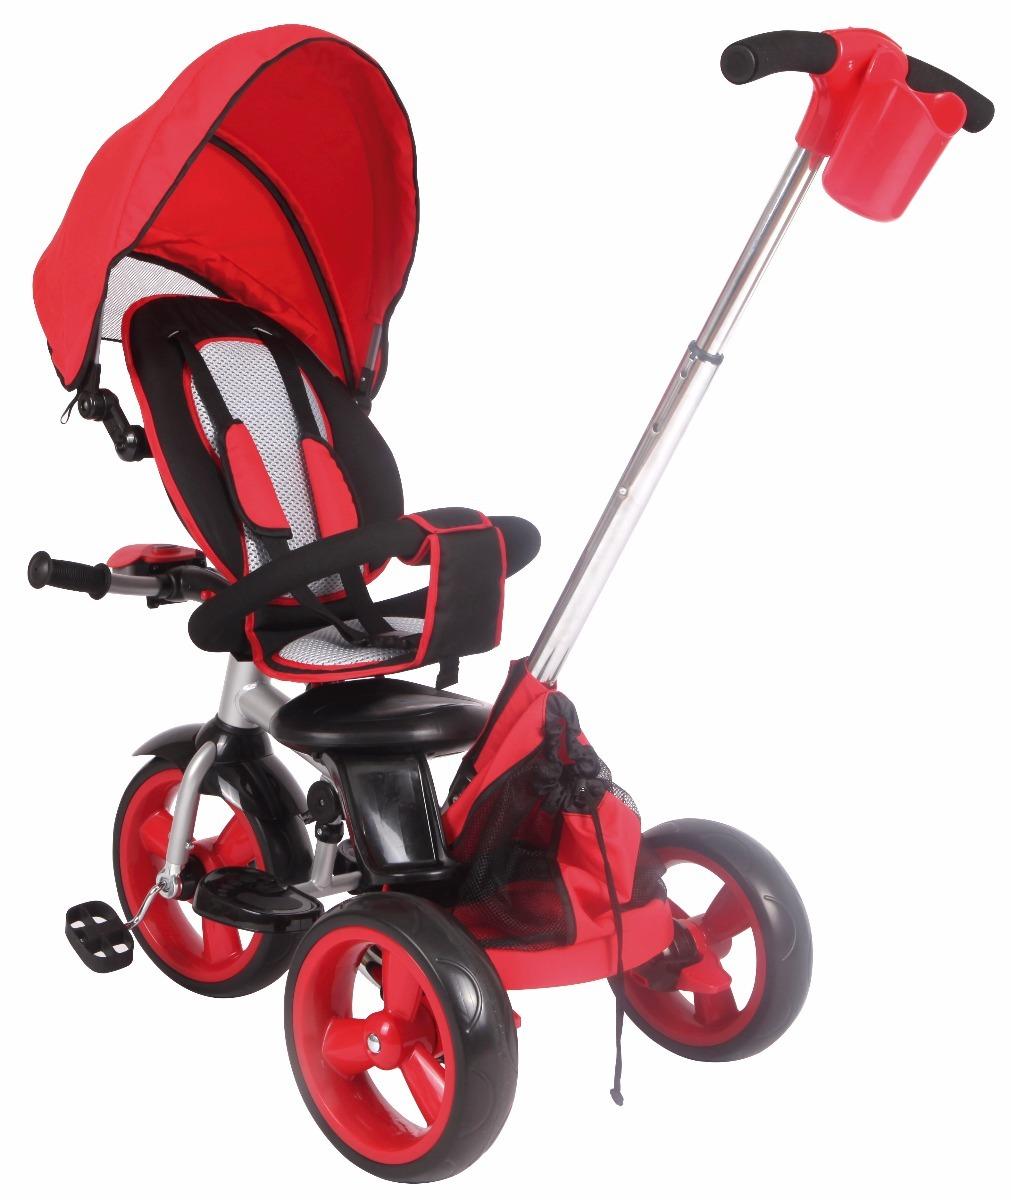 21a0efa19 Baby Kits - Triciclo Flex Rojo - S/ 519,00 en Mercado Libre